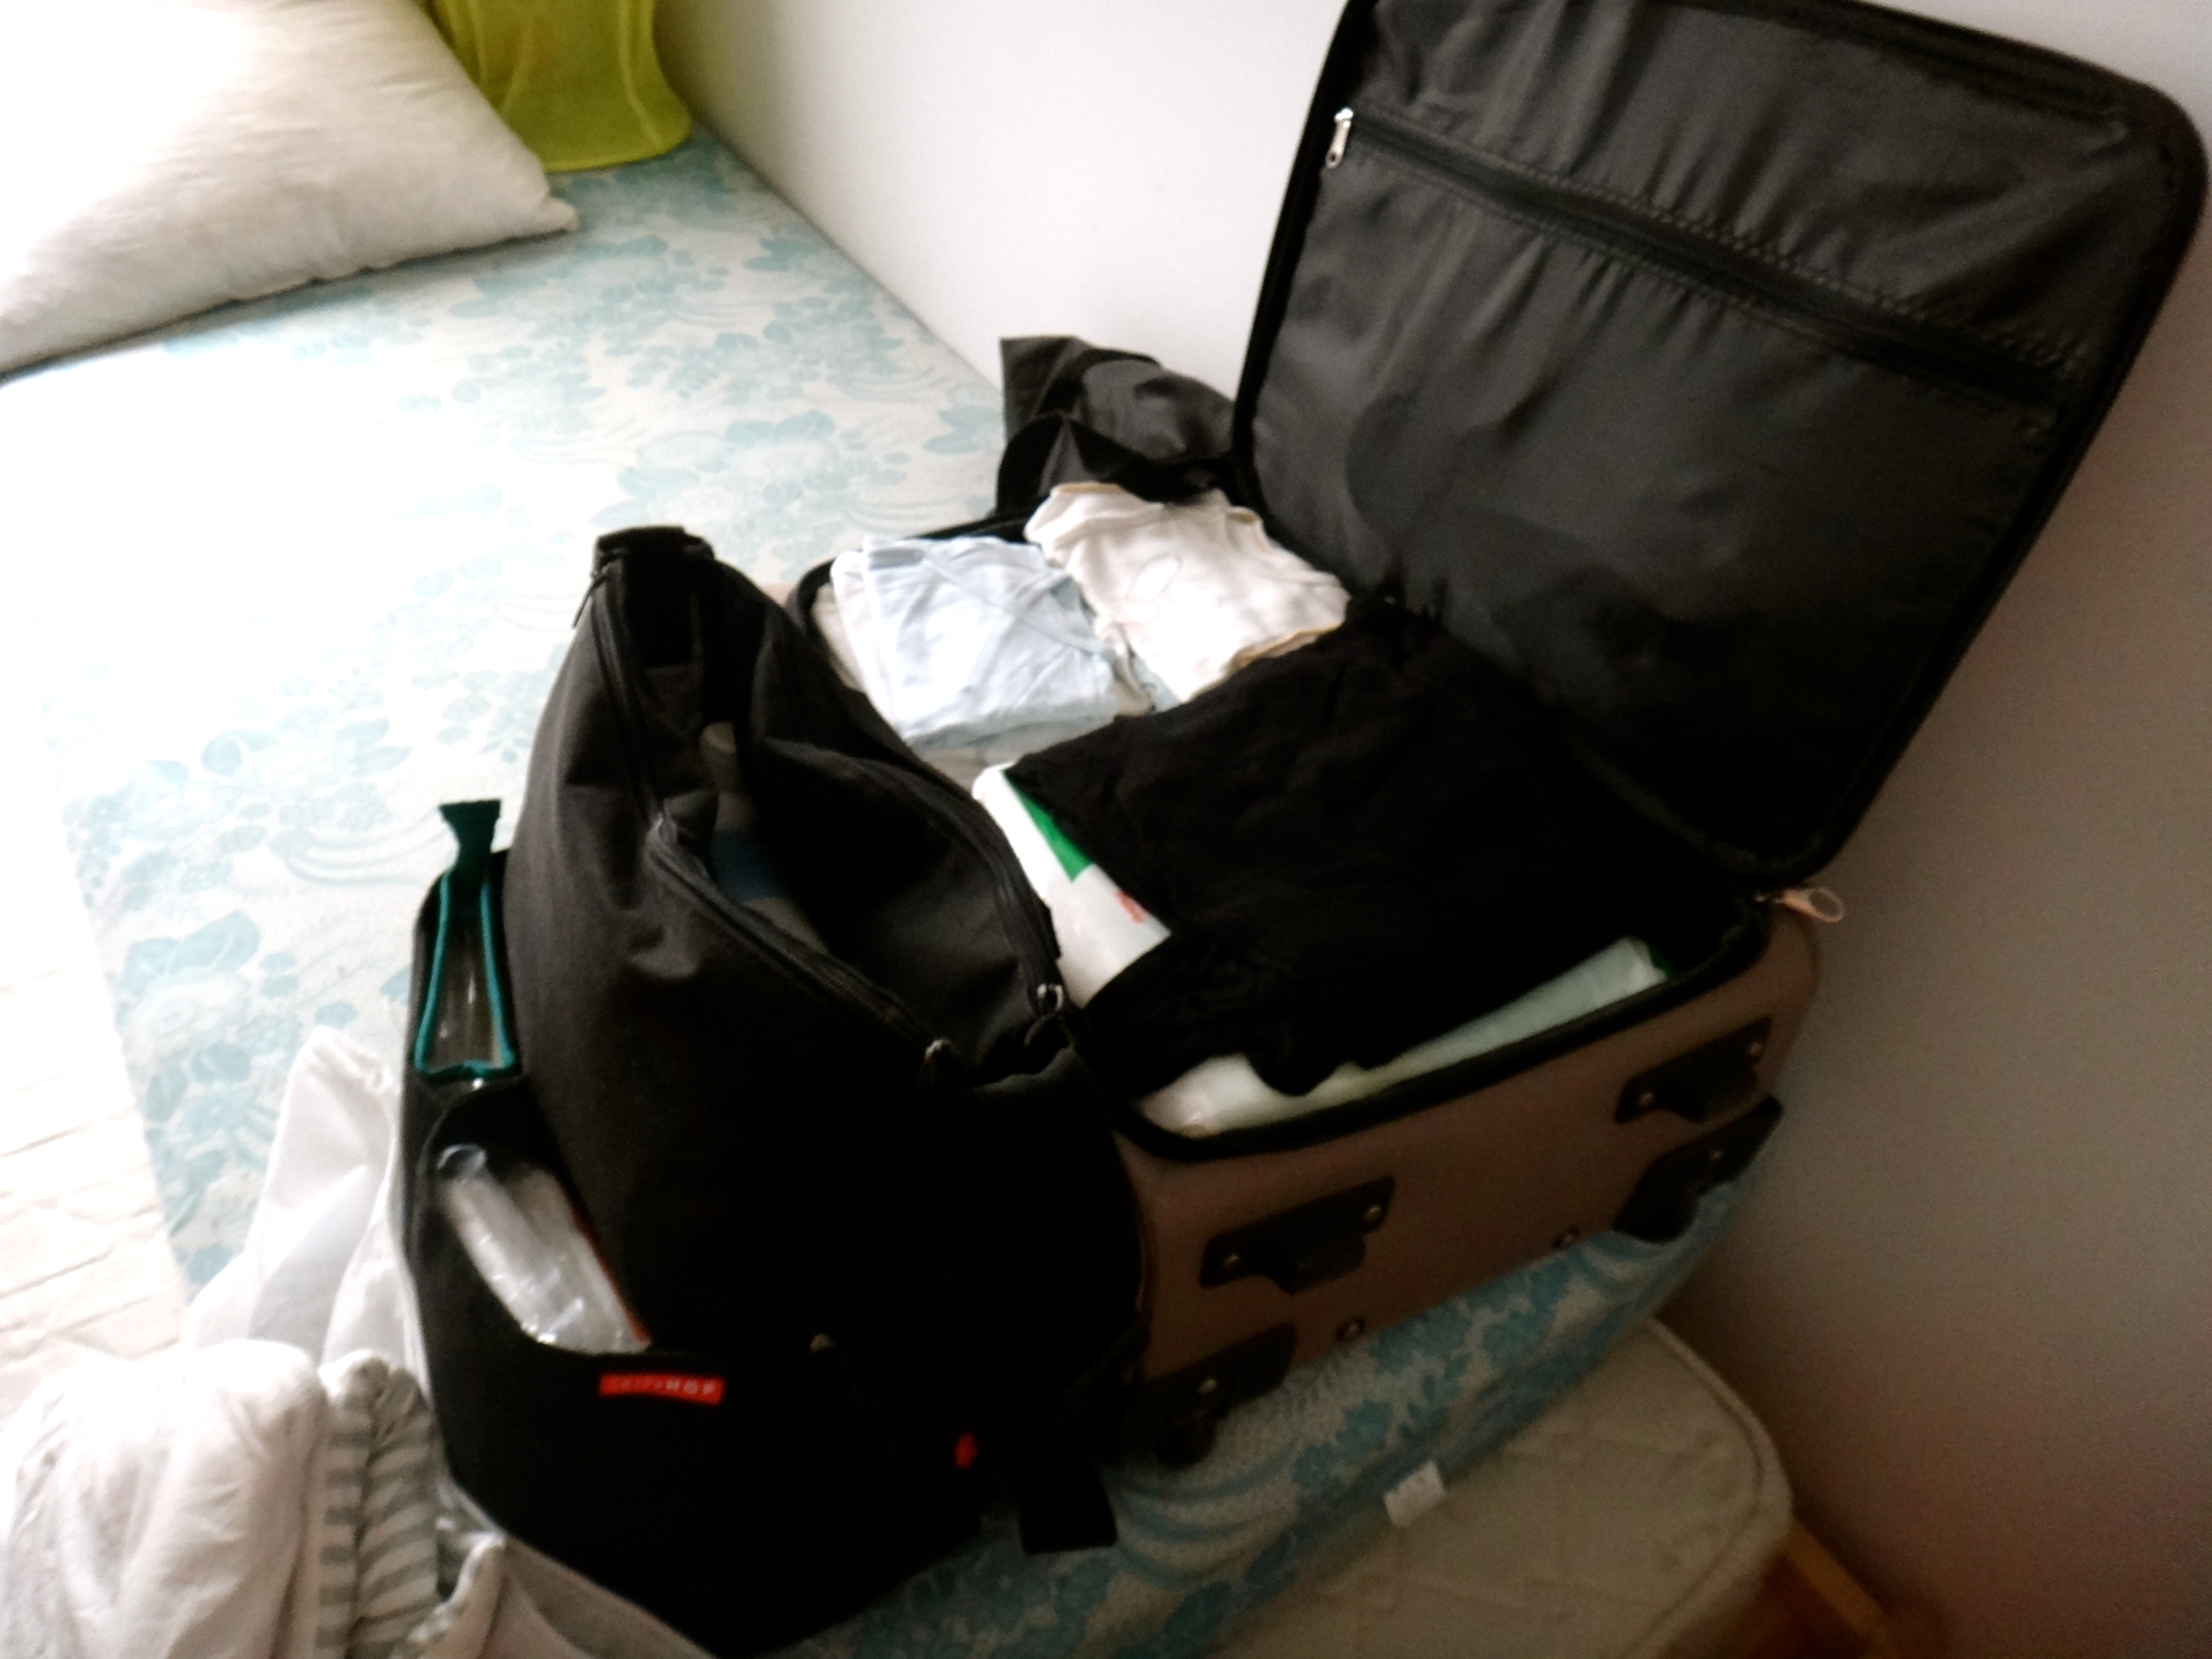 ♡ Préparer la valise pour la maternité c'est pas si compliqué ?  ♡ Préparer la valise pour la maternité c'est pas si compliqué ?  ♡ Préparer la valise pour la maternité c'est pas si compliqué ?